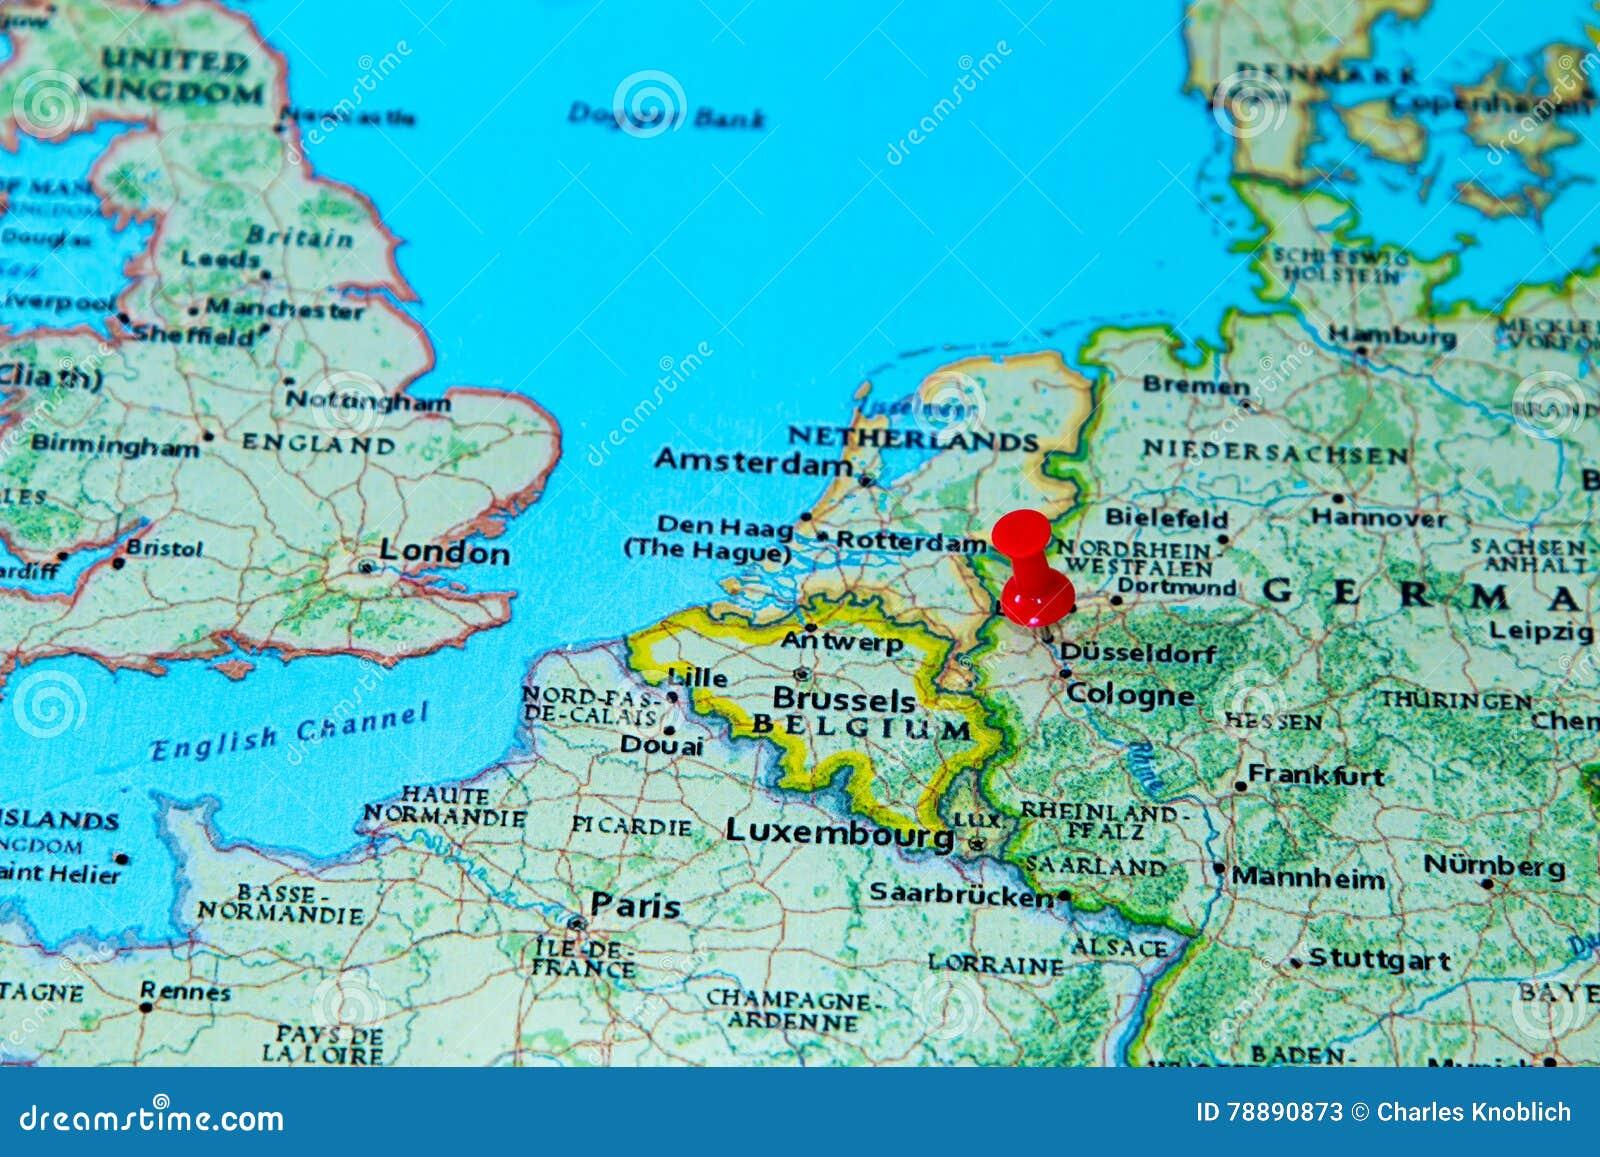 Dusseldorf Deutschland Steckte Auf Eine Karte Von Europa Fest